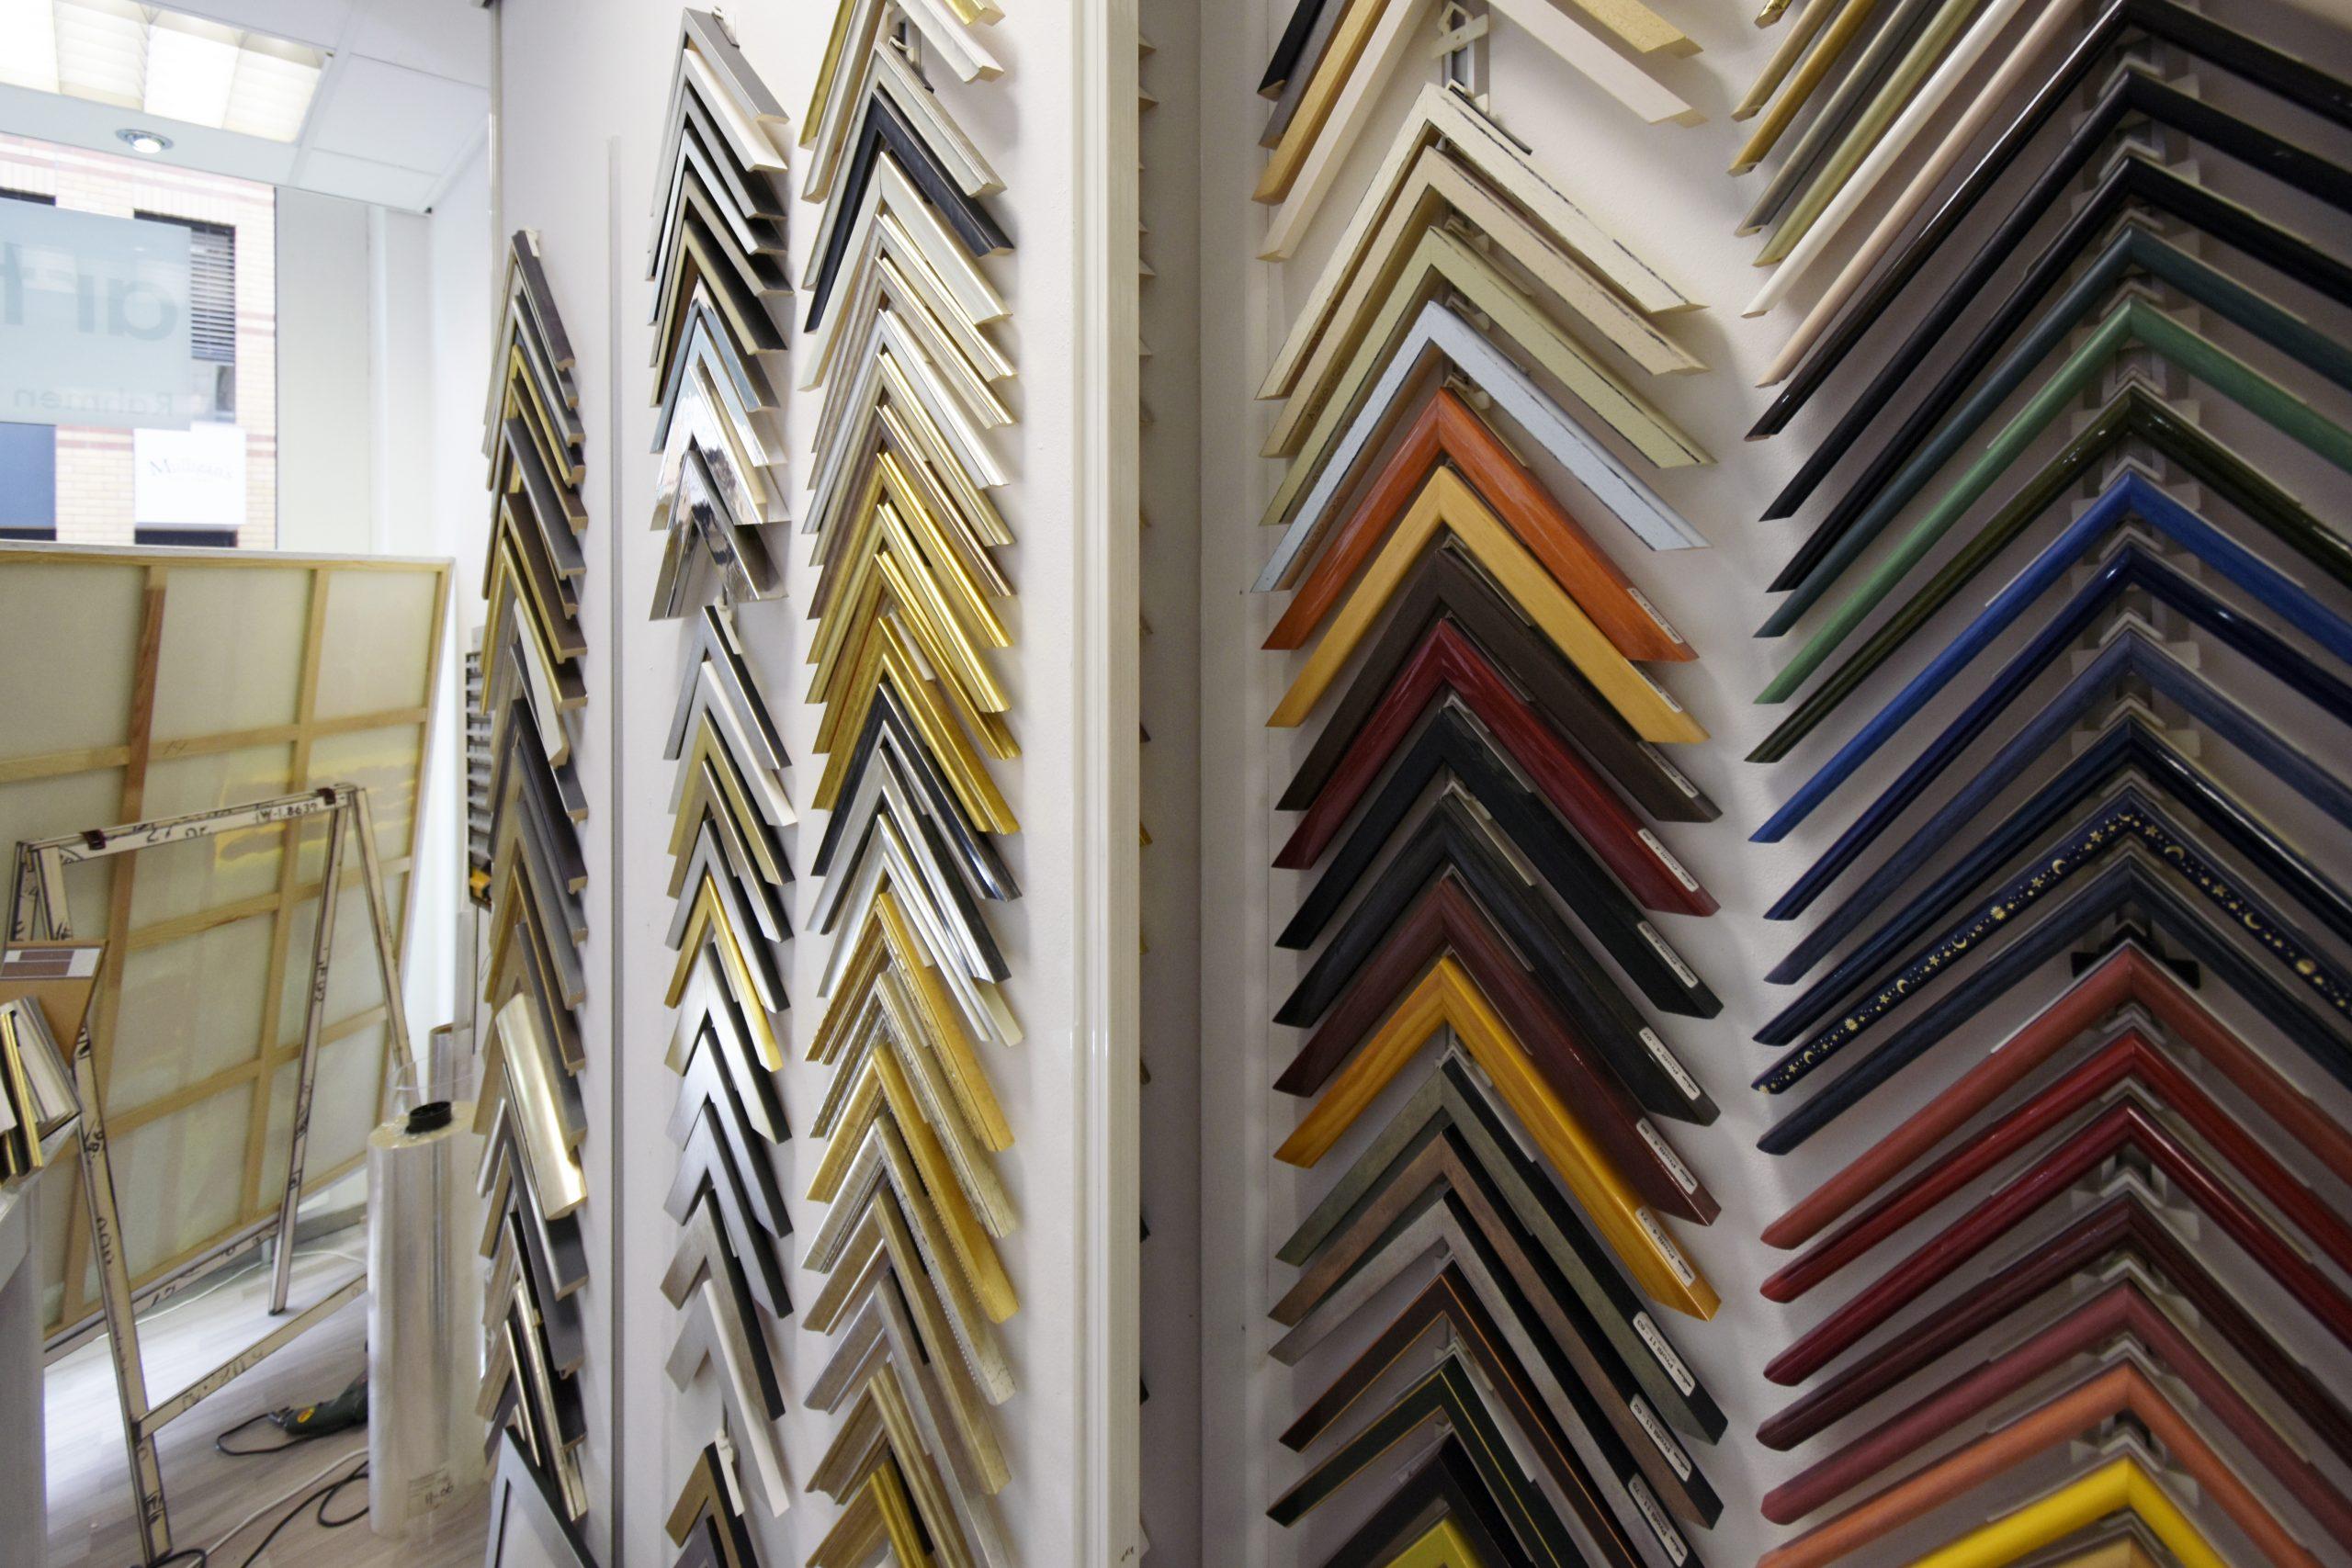 Einkaufszentrum Wuppertal Art Gallery